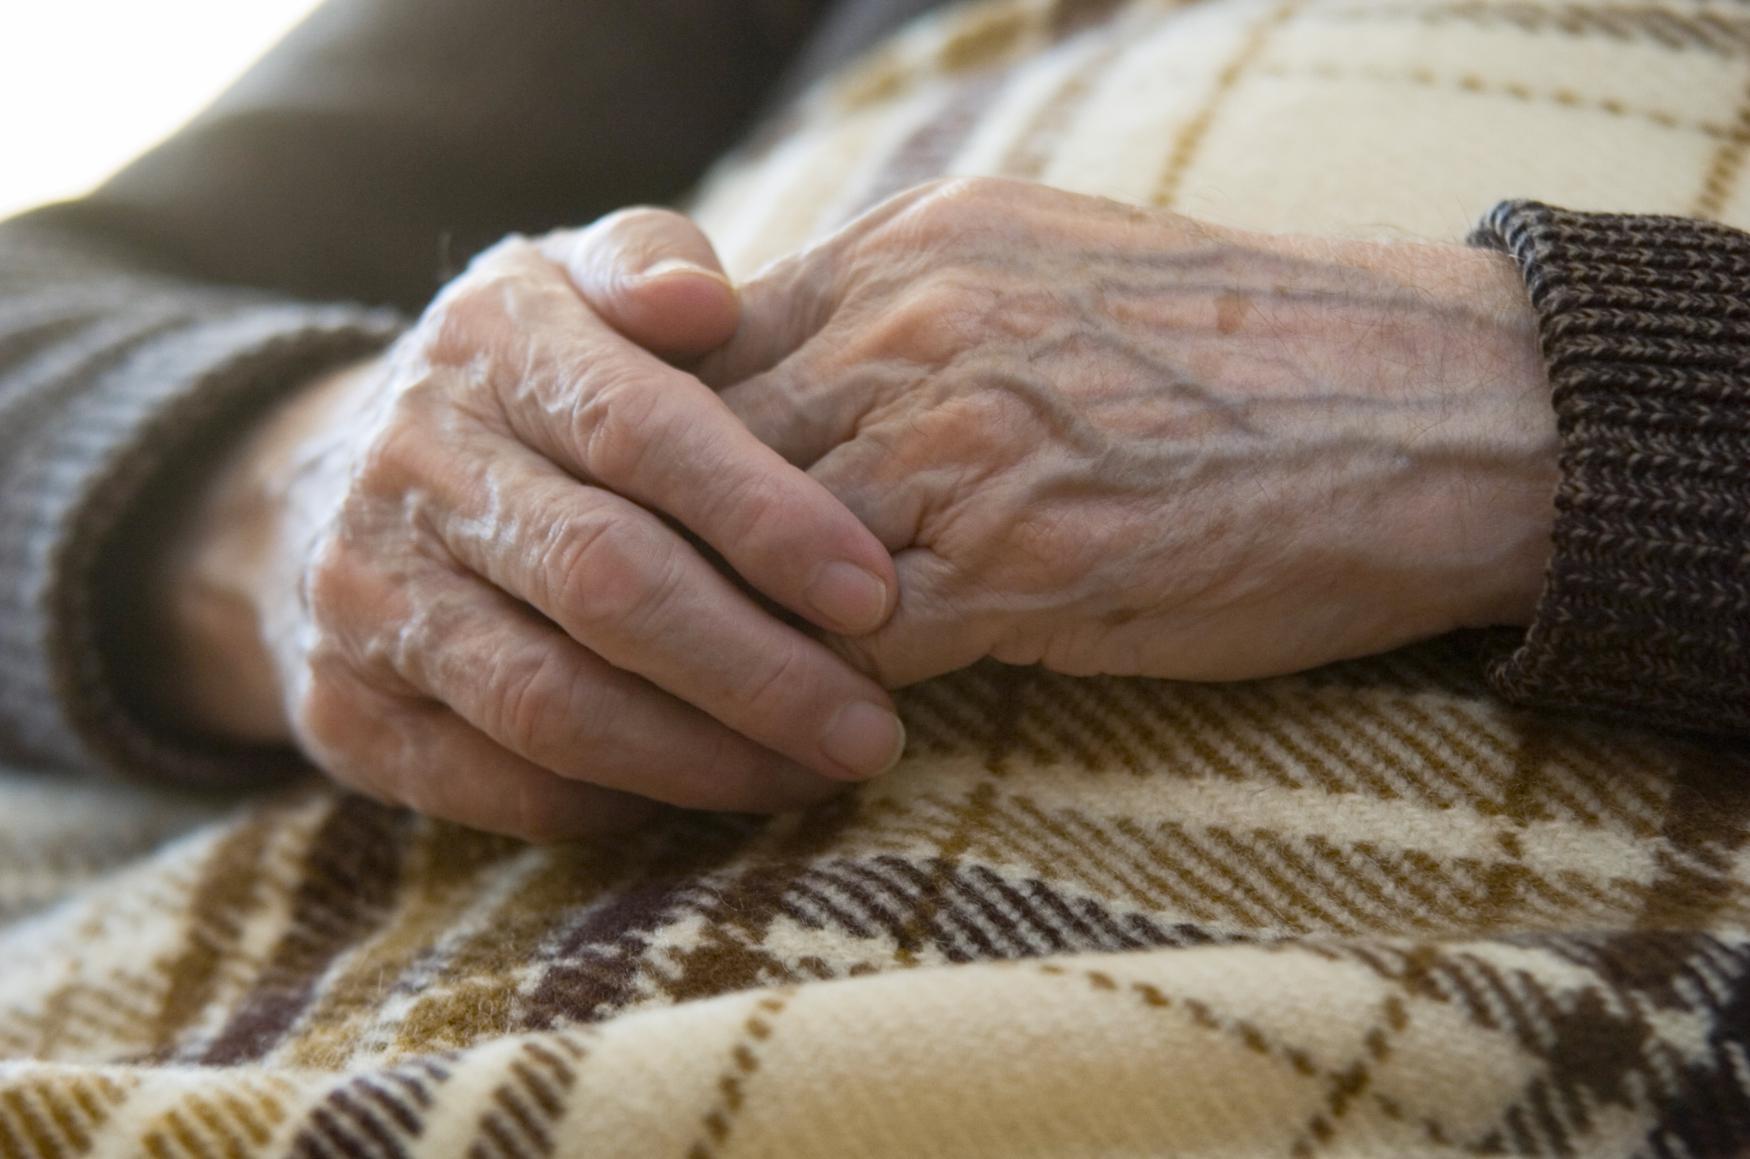 Nemocná seniorka synovu pomoc vysloveně odmítla